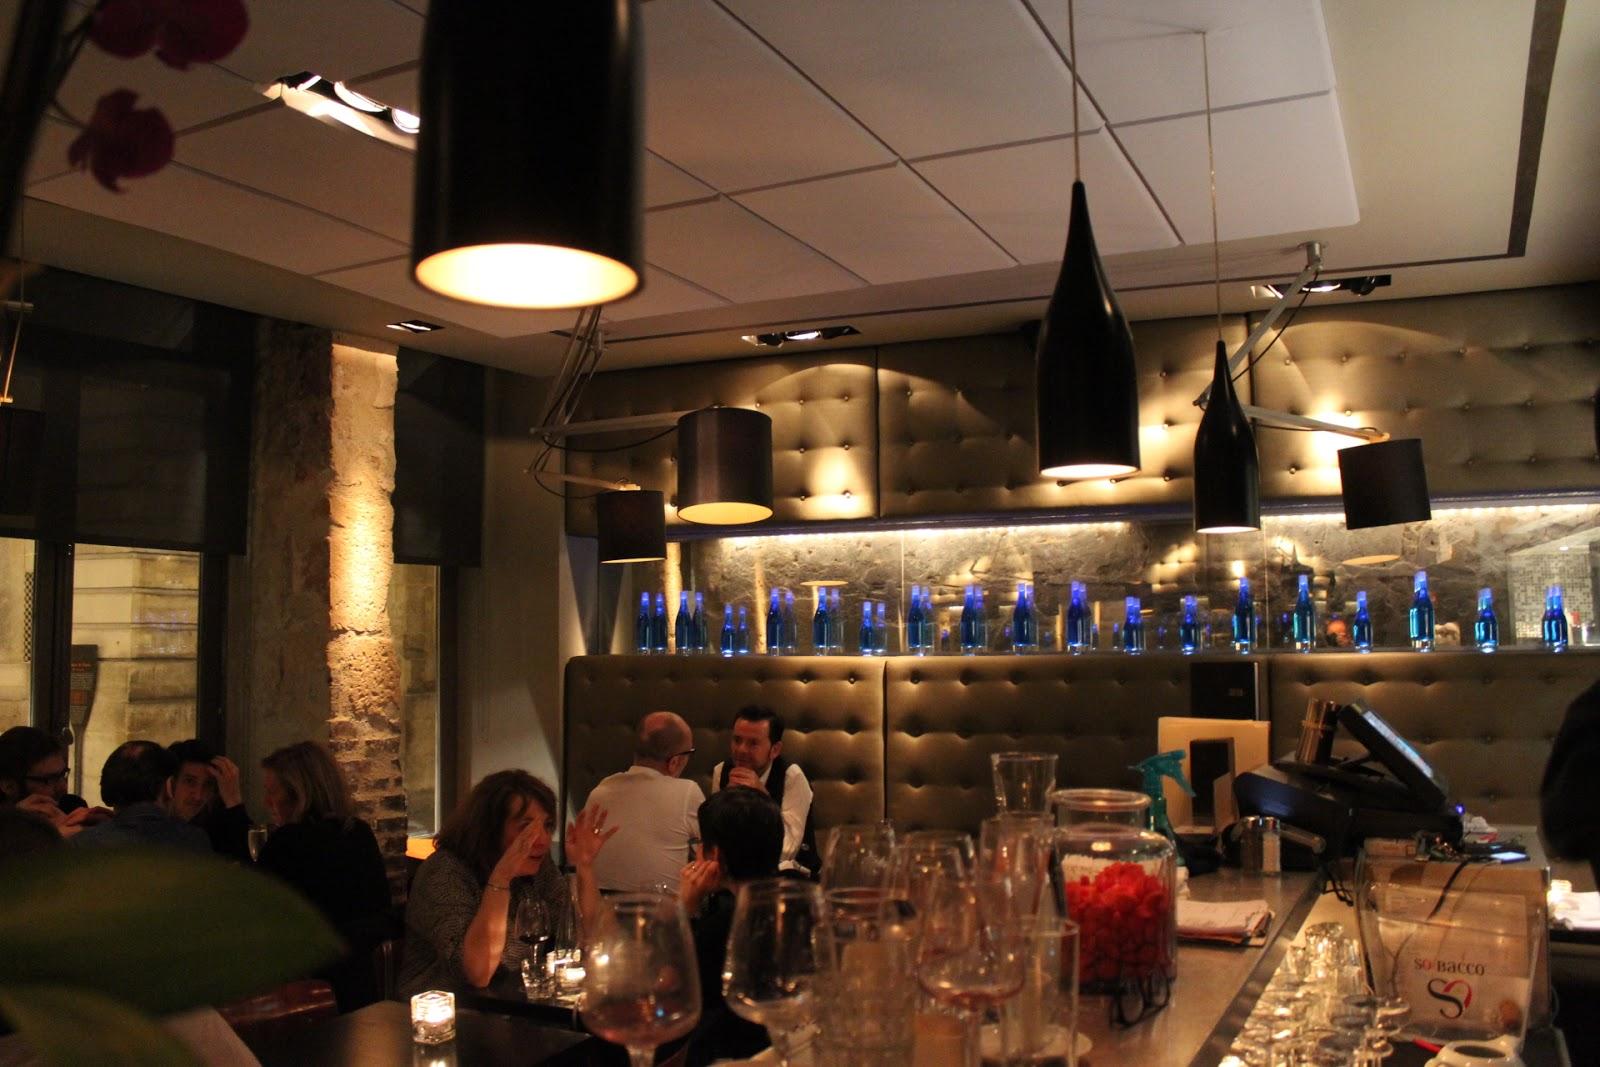 Club gastronomique prosper montagn par alain kritchmar - Les gars dans la cuisine ...